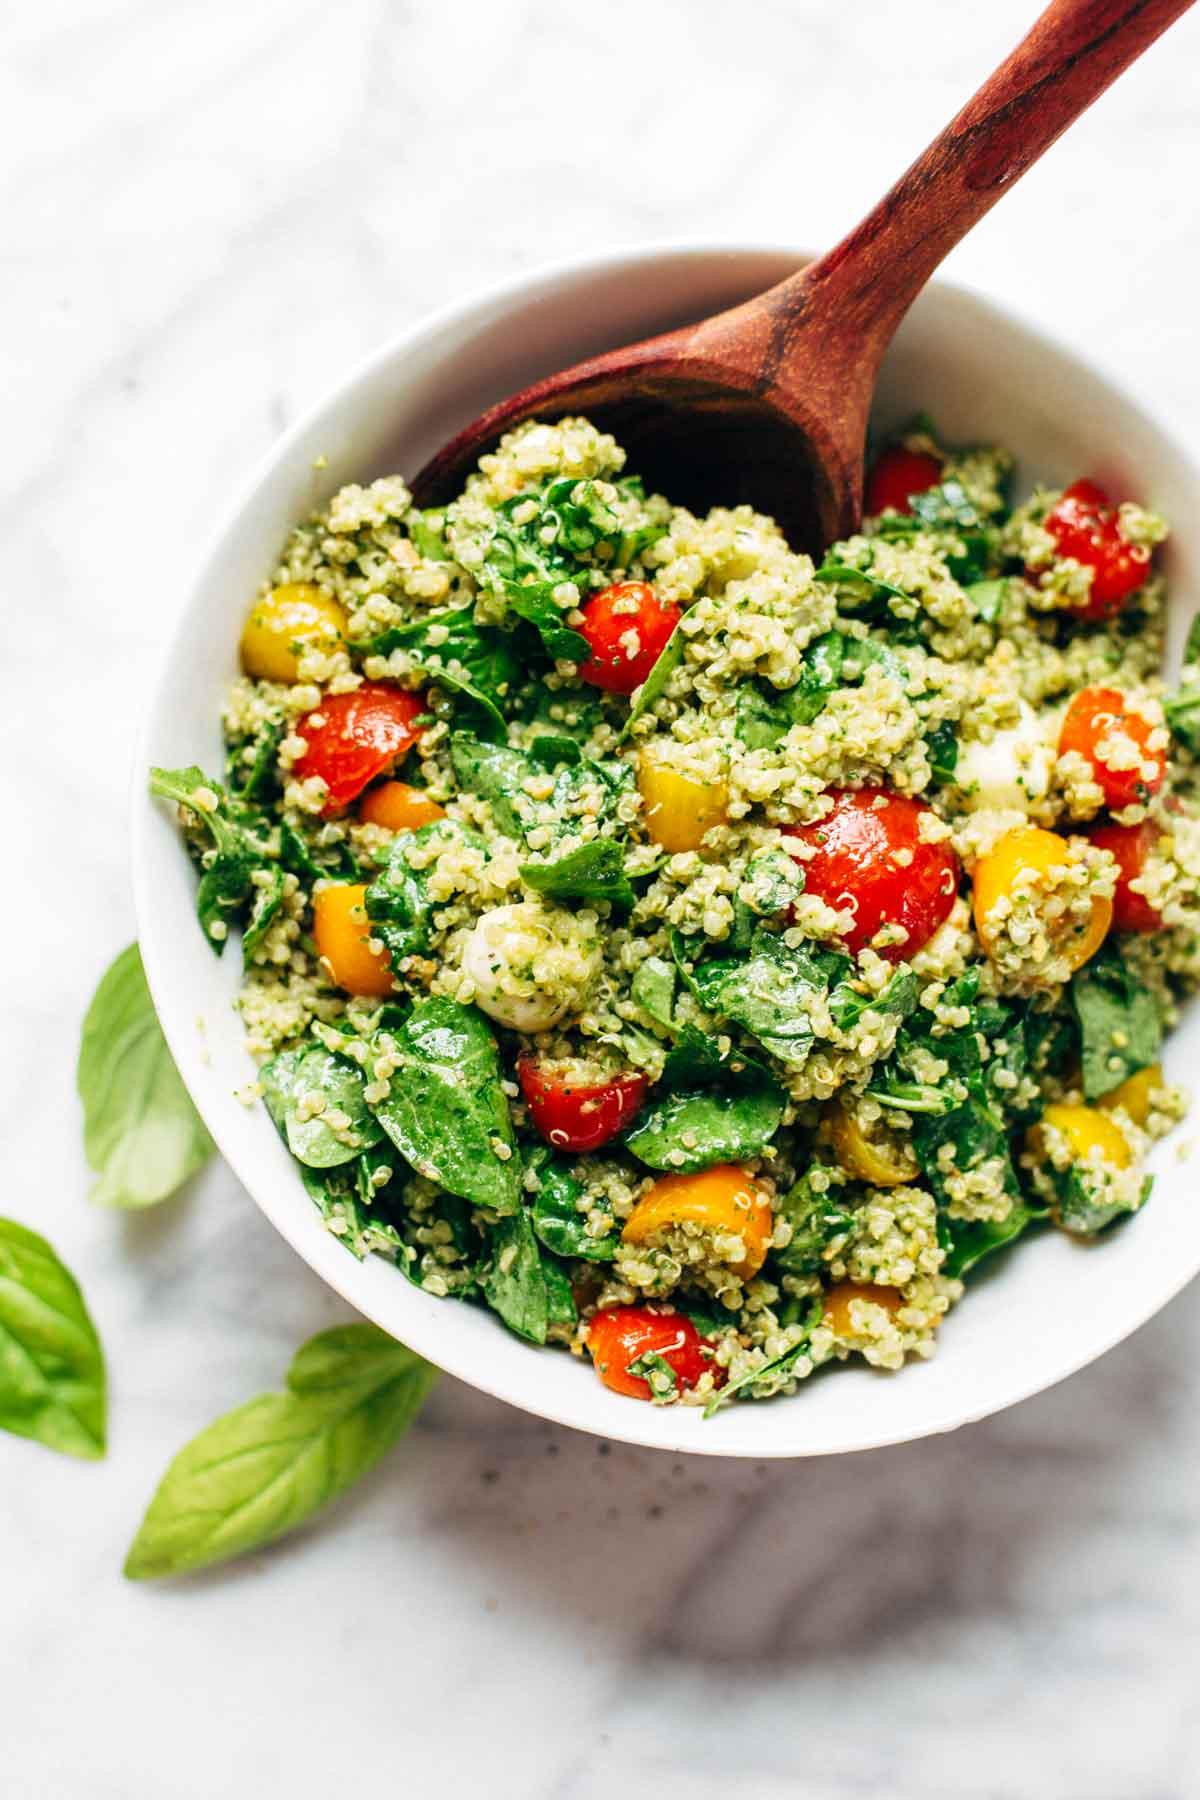 Easy Vegan Summer Recipes  Green Goddess Quinoa Summer Salad Recipe Pinch of Yum